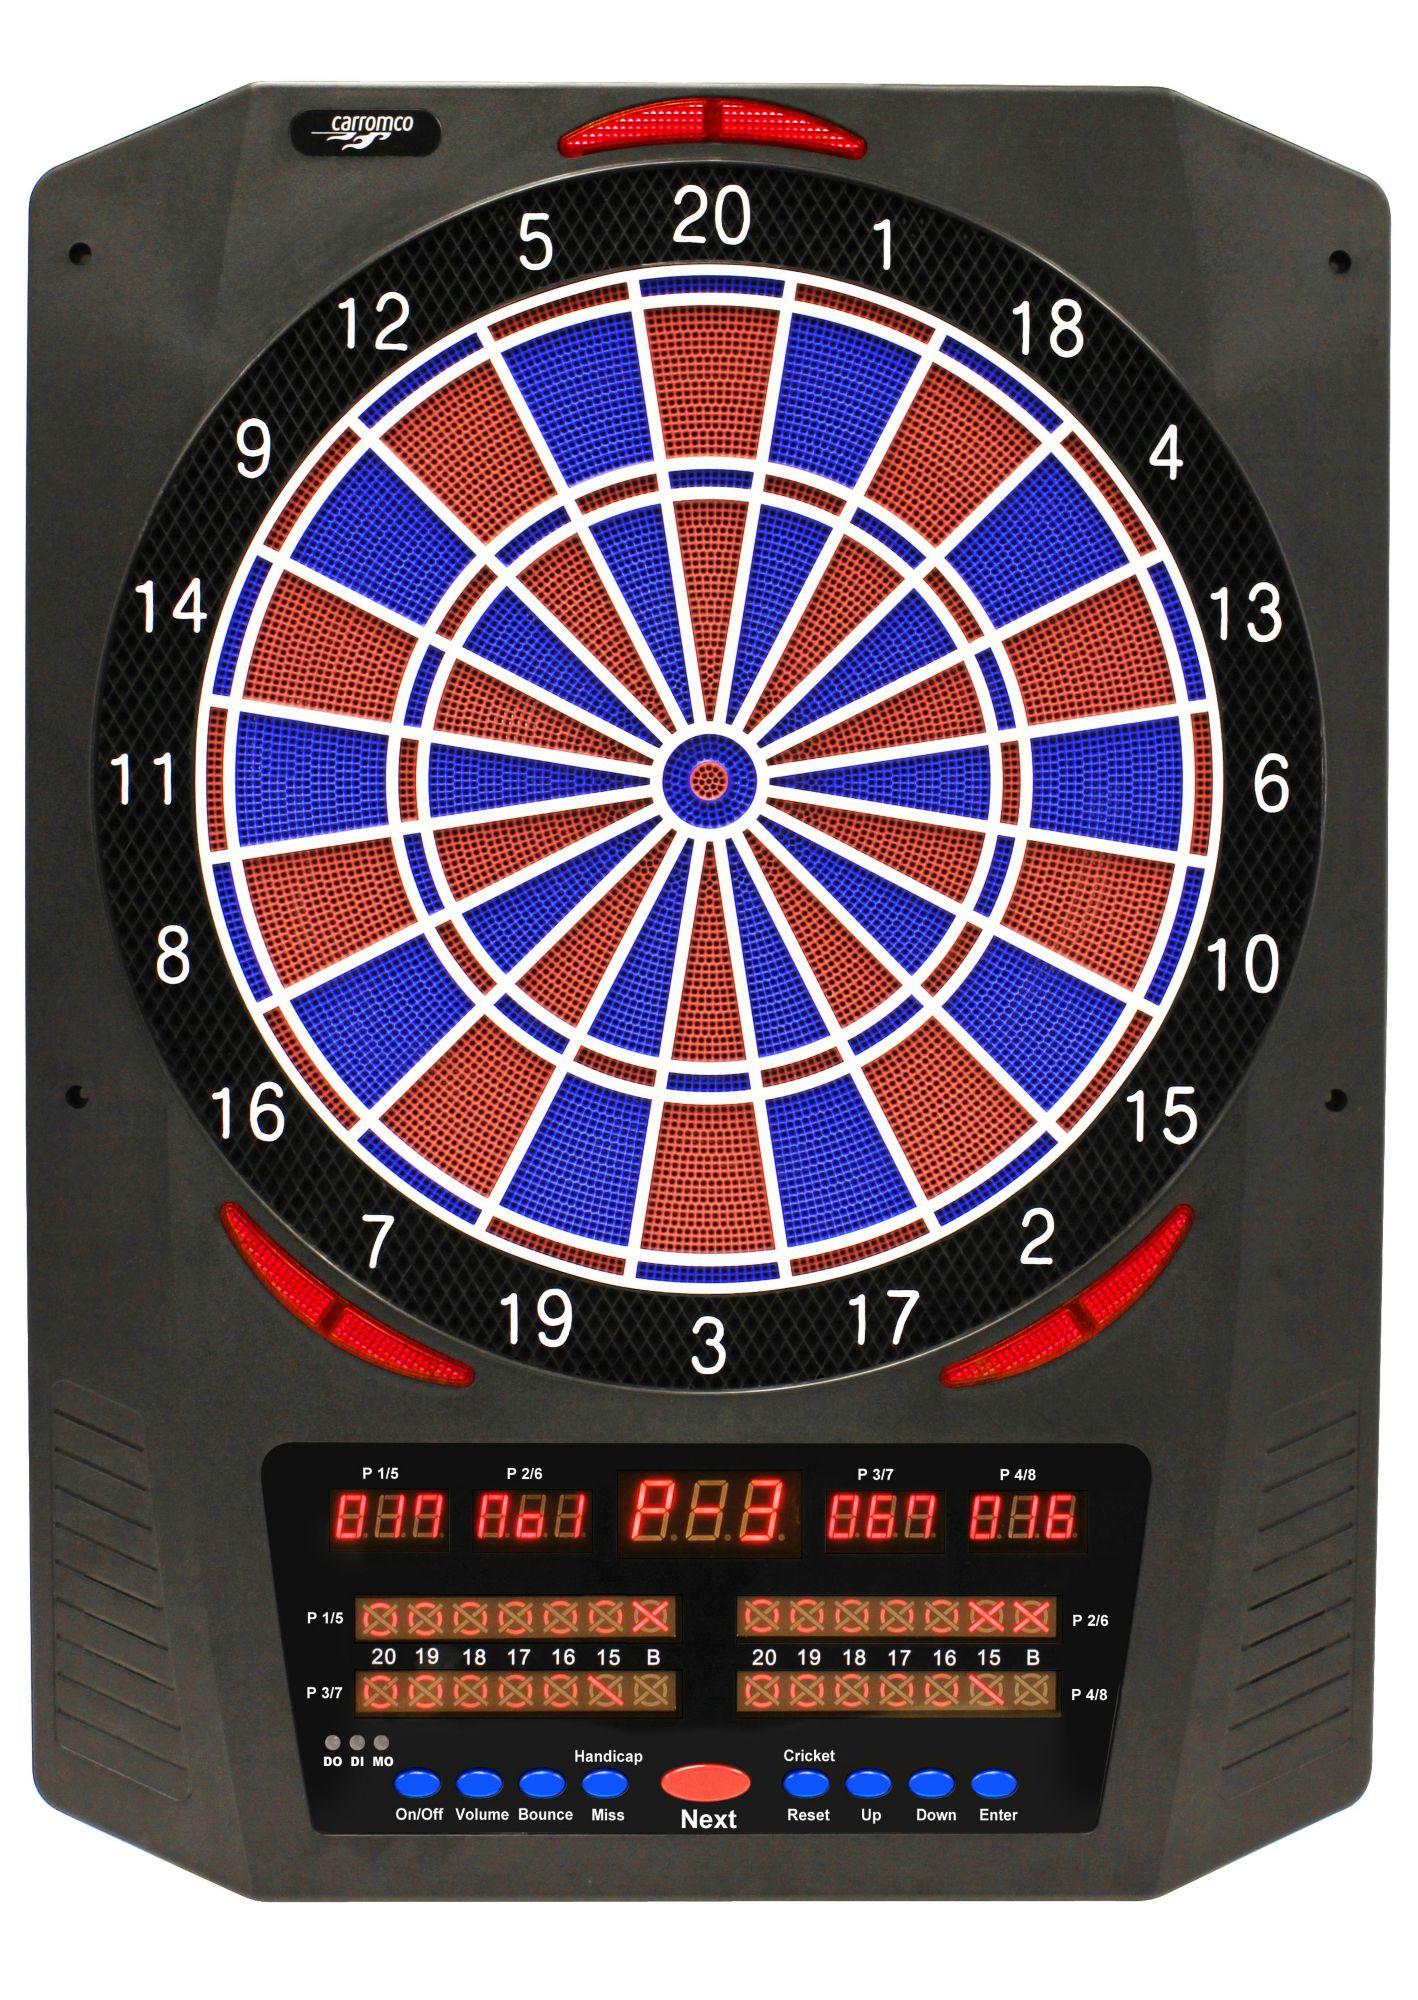 CARROMCO Carromco Elektronische Dartscheibe, »Dart Topaz-901«